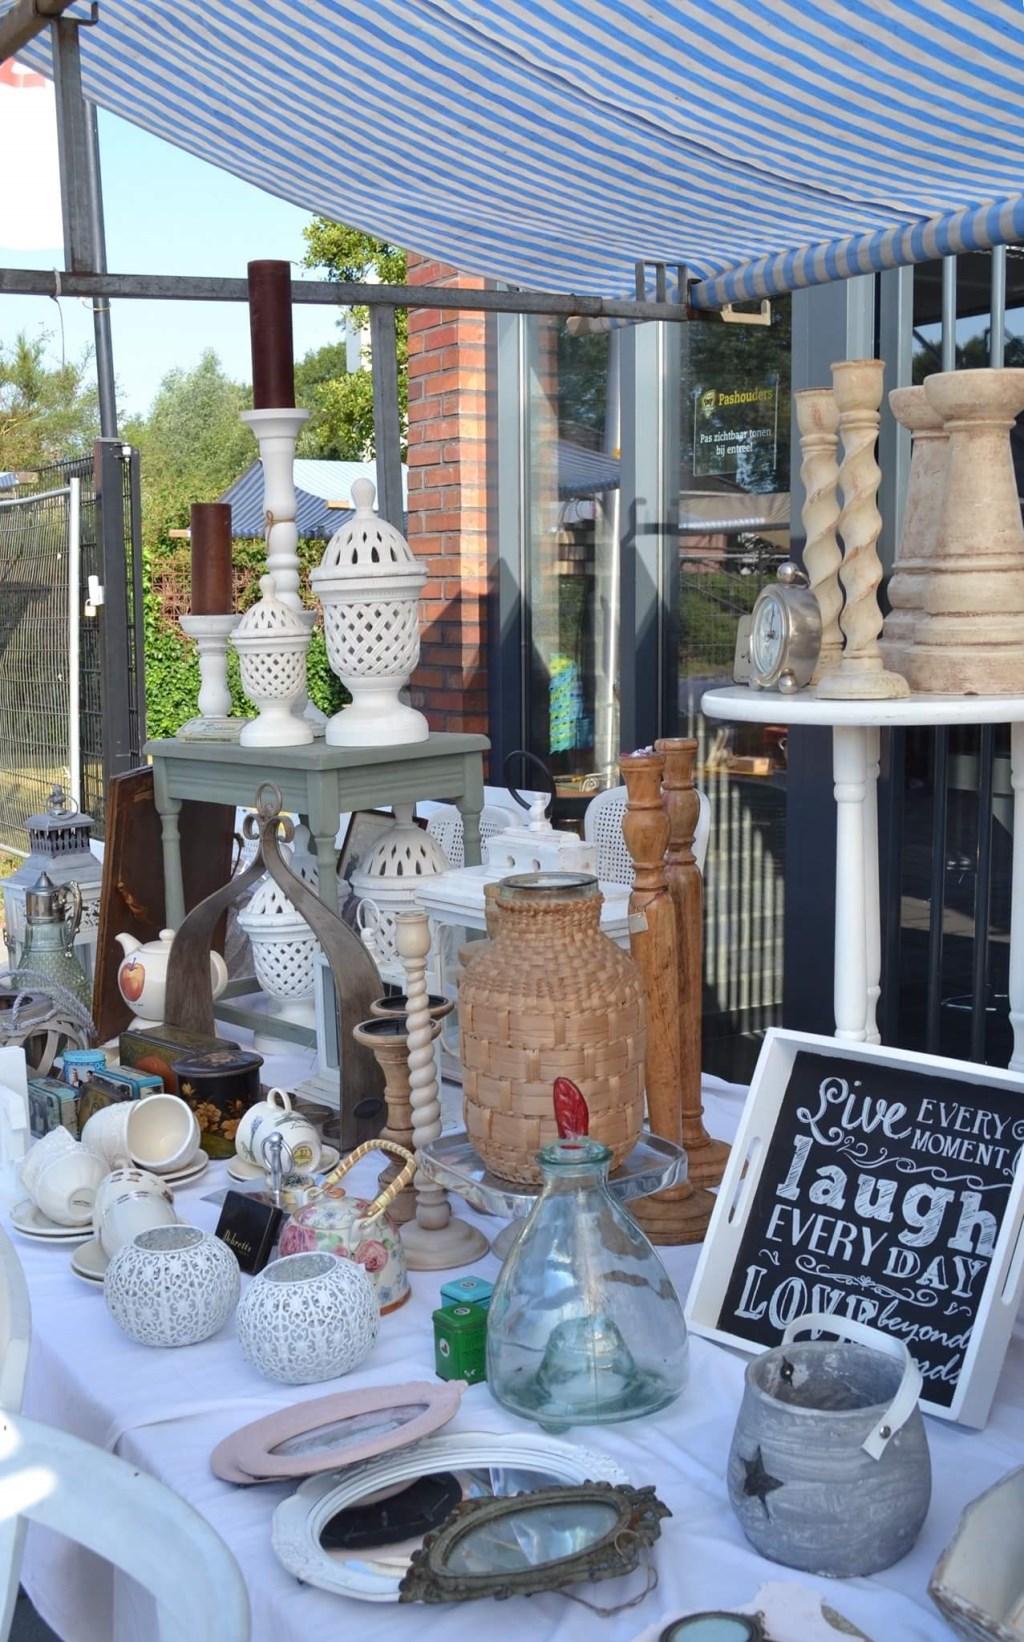 Kom kijken of er iets van je gading te koop is tijdens de rommelmarkt. Foto: PR FC Winterswijk,  Marco ter Haar